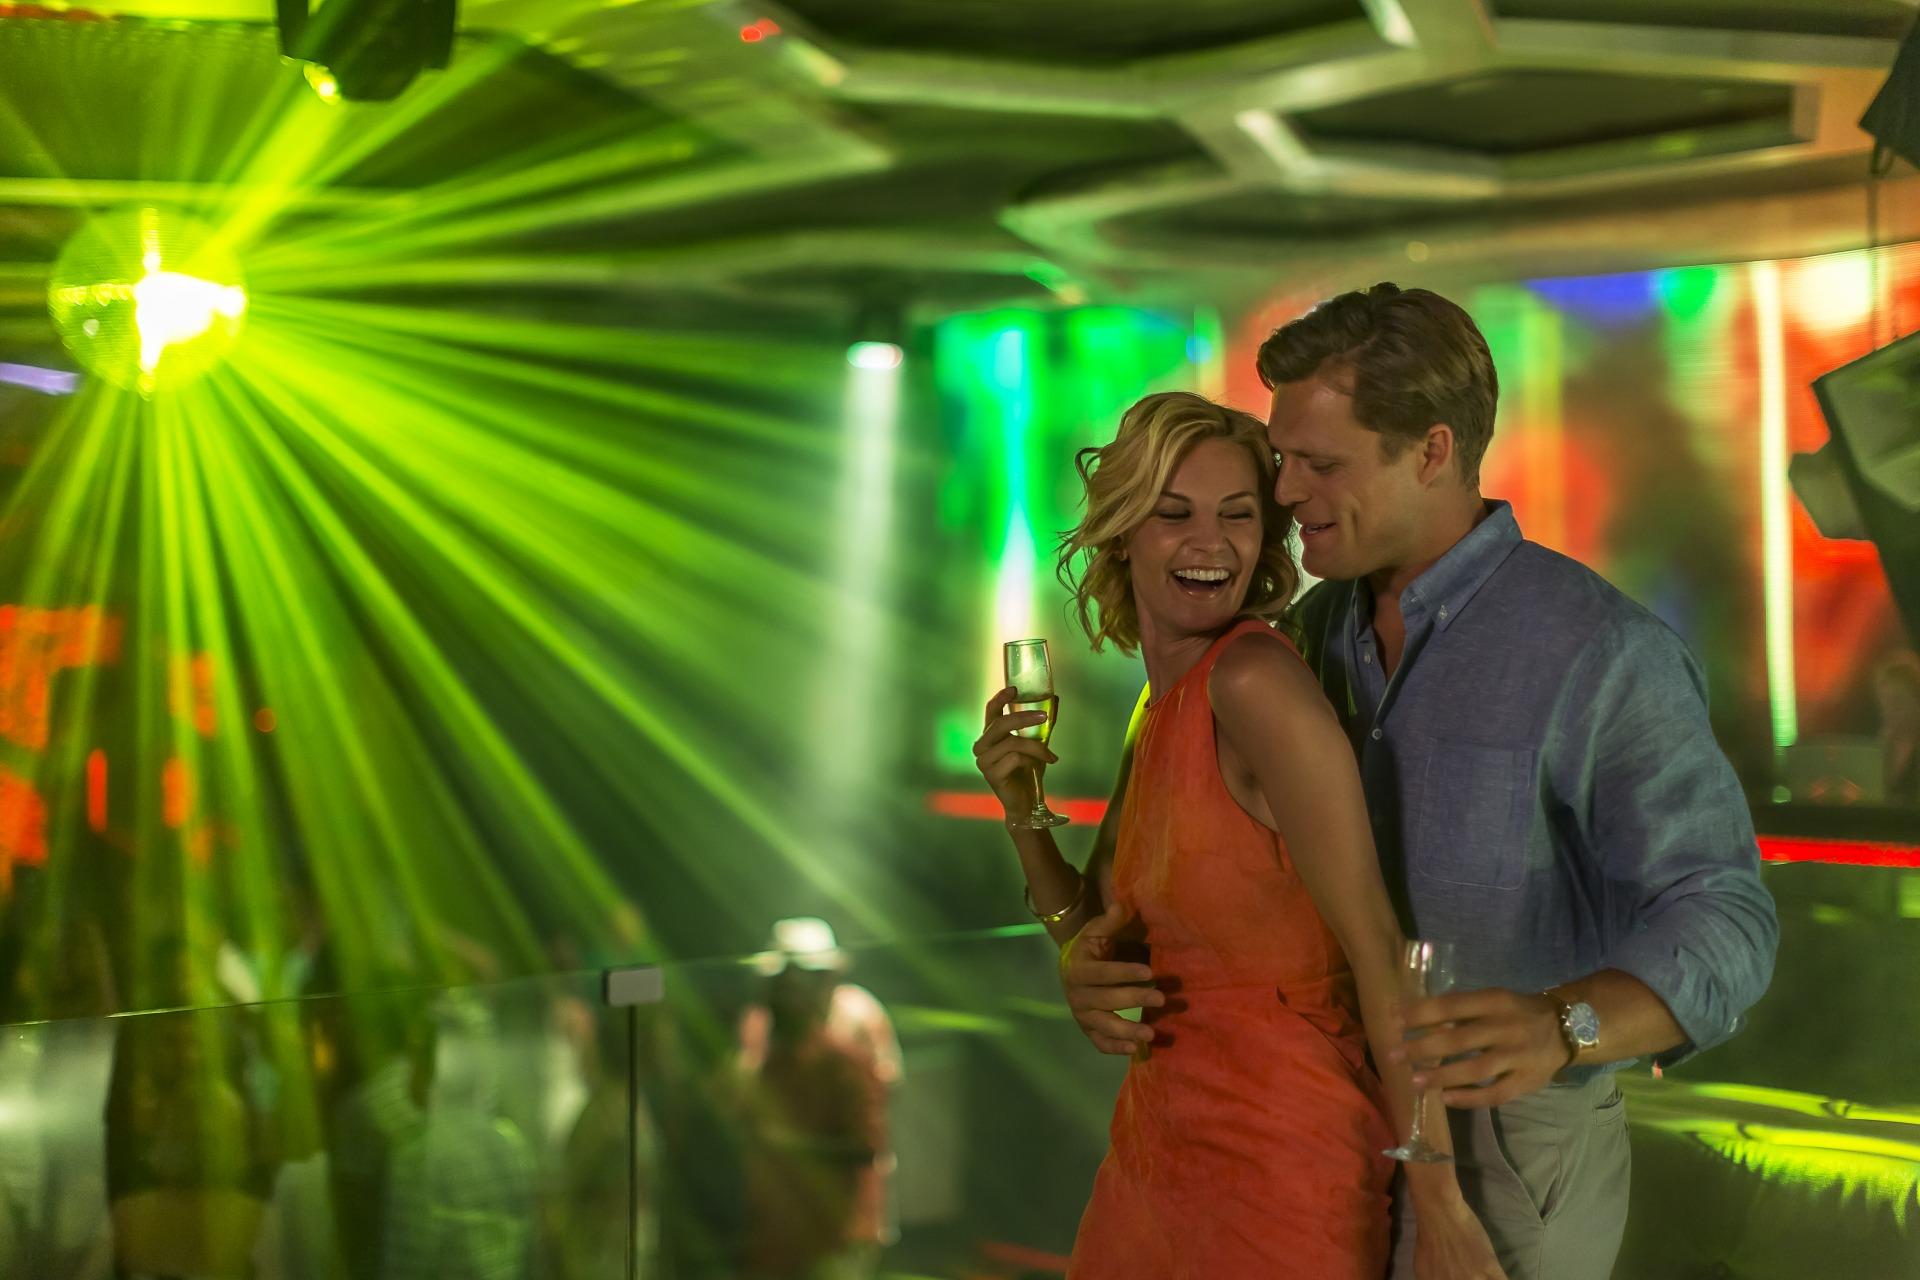 No Unique, os casais curtem o melhor da vida noturna de Cancun, sem sair das dependências do complexo hoteleiro